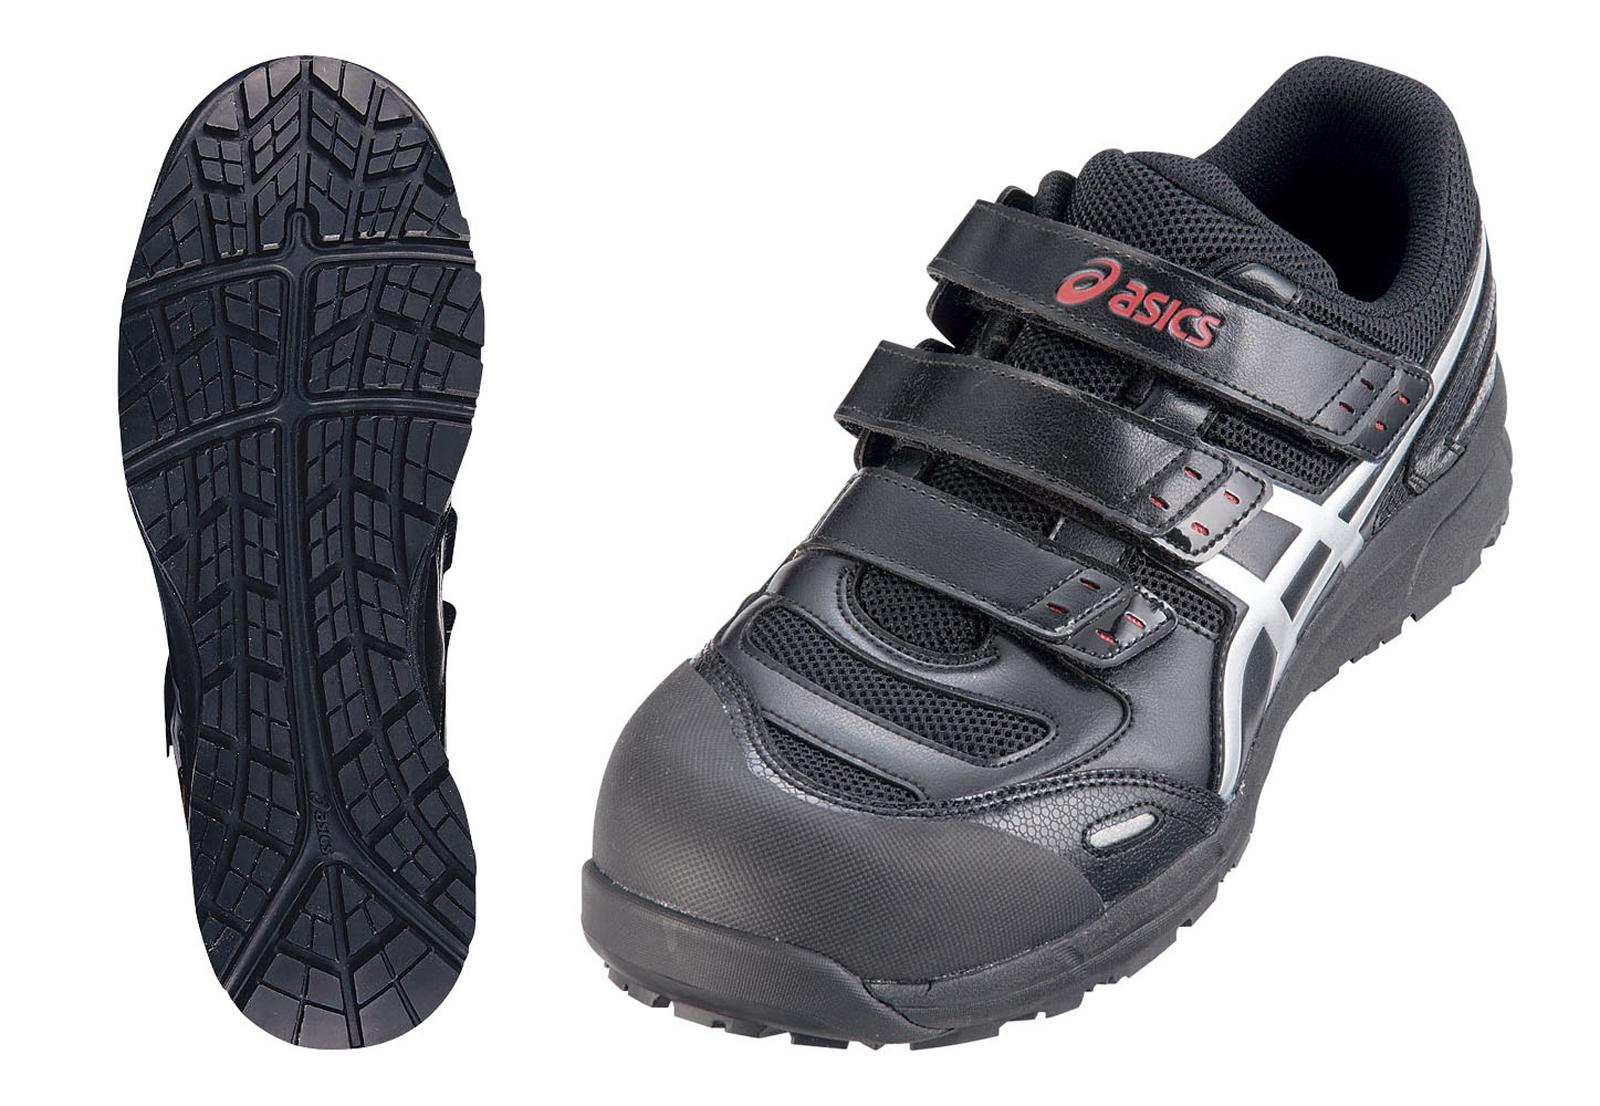 アシックス ウィンジョブ安全靴CP102 BK×シルバー ] 29.0cm [7-1369-0710【厨房用品 長靴 白衣 販売 靴 サンダル スリッパ 業務用 販売 通販】 [7-1369-0710 6-1309-0710 ], パワーゴルフ(PowerGolf):2167ba5e --- officewill.xsrv.jp